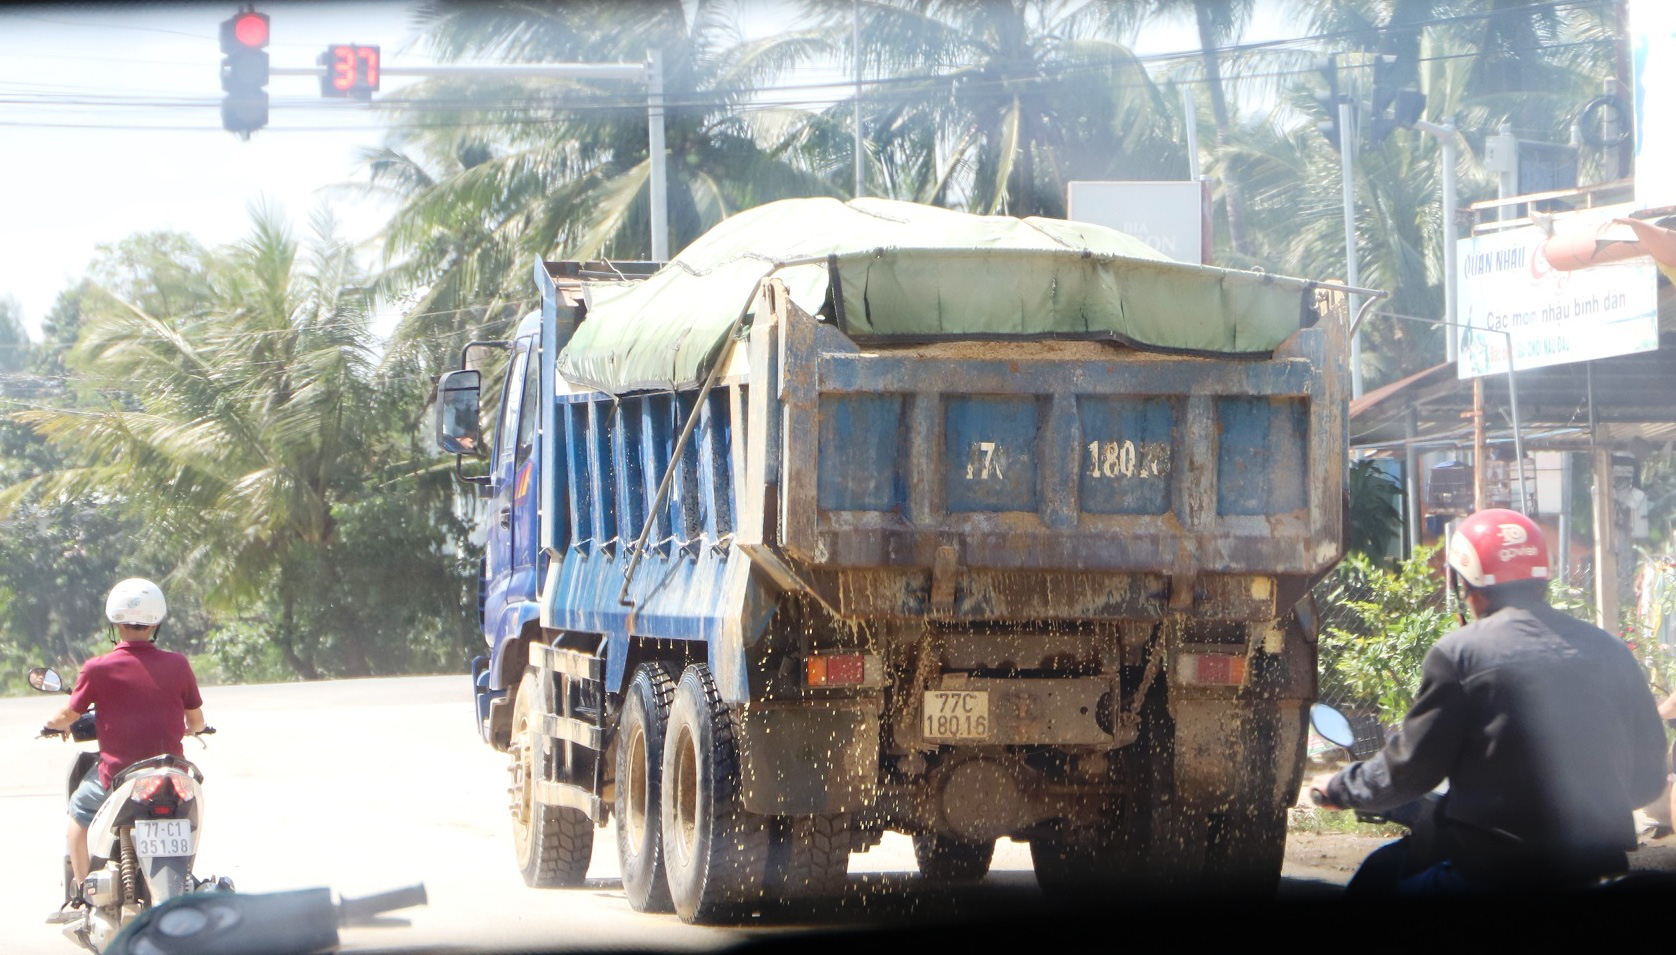 """Sự thật bất ngờ đằng sau dự án nạo vét sông Lại Giang: Chủ tịch tỉnh Bình Định chỉ đạo """"nóng"""" - Ảnh 1."""